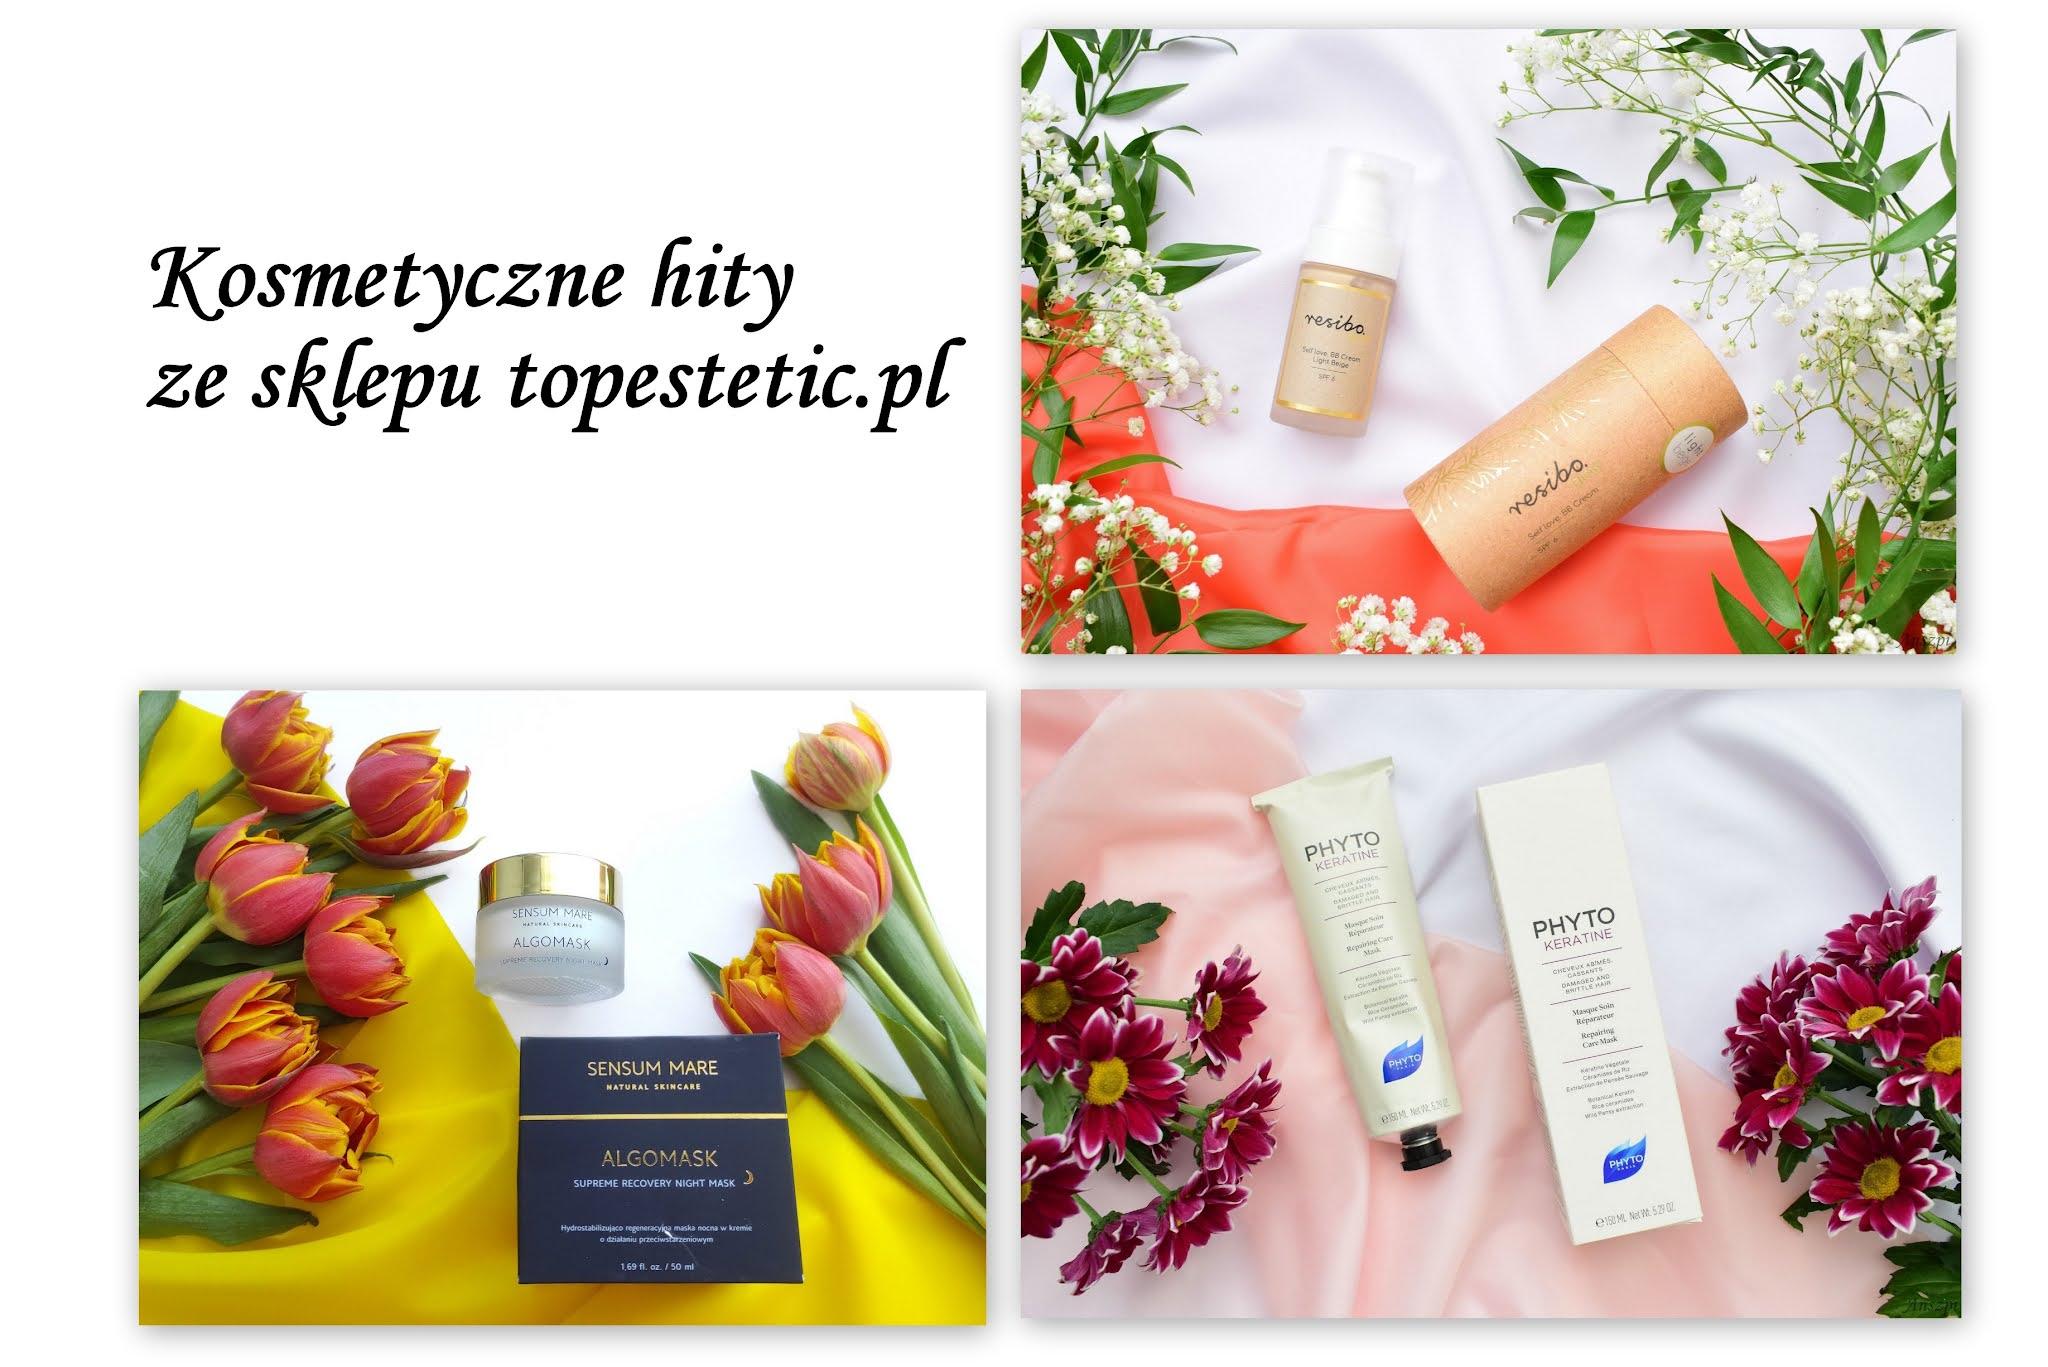 TOP 3 ulubionych kosmetyków ze sklepu internetowego Topestetic. Dlaczego warto poznać sklep topestetic.pl?